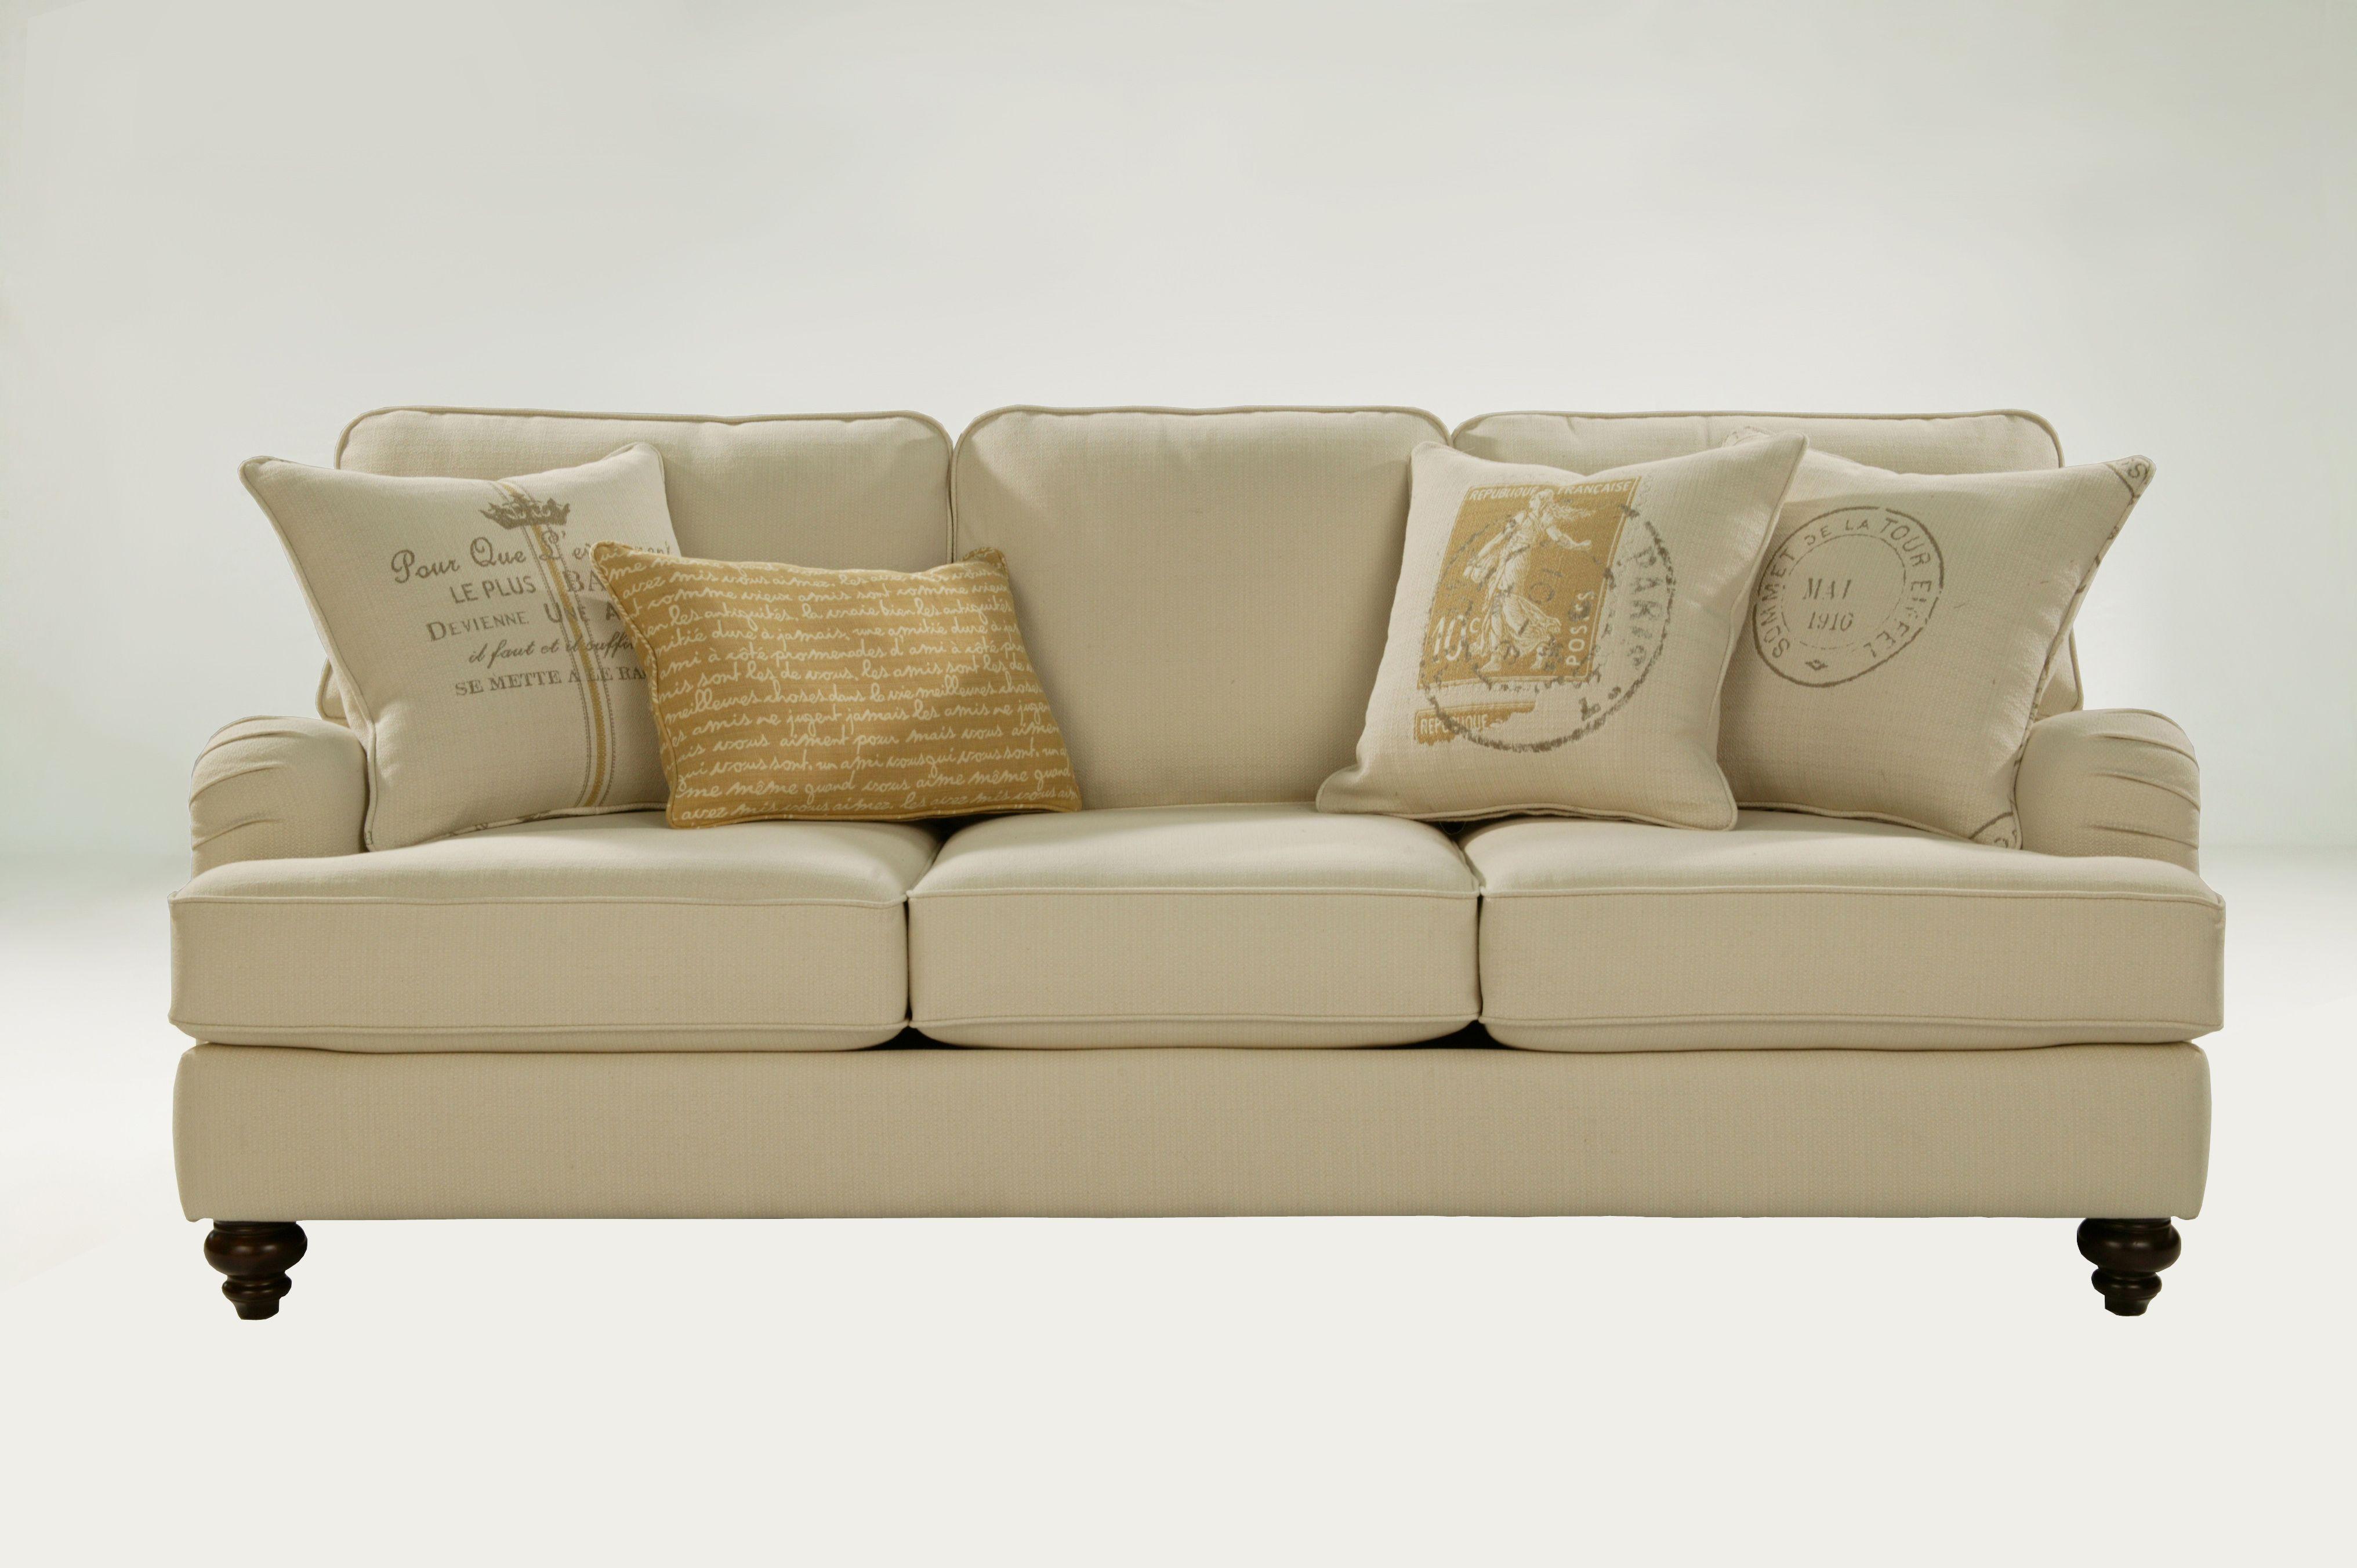 club furniture hidden reviews thuiswerk michael robert cupboard sectional piece